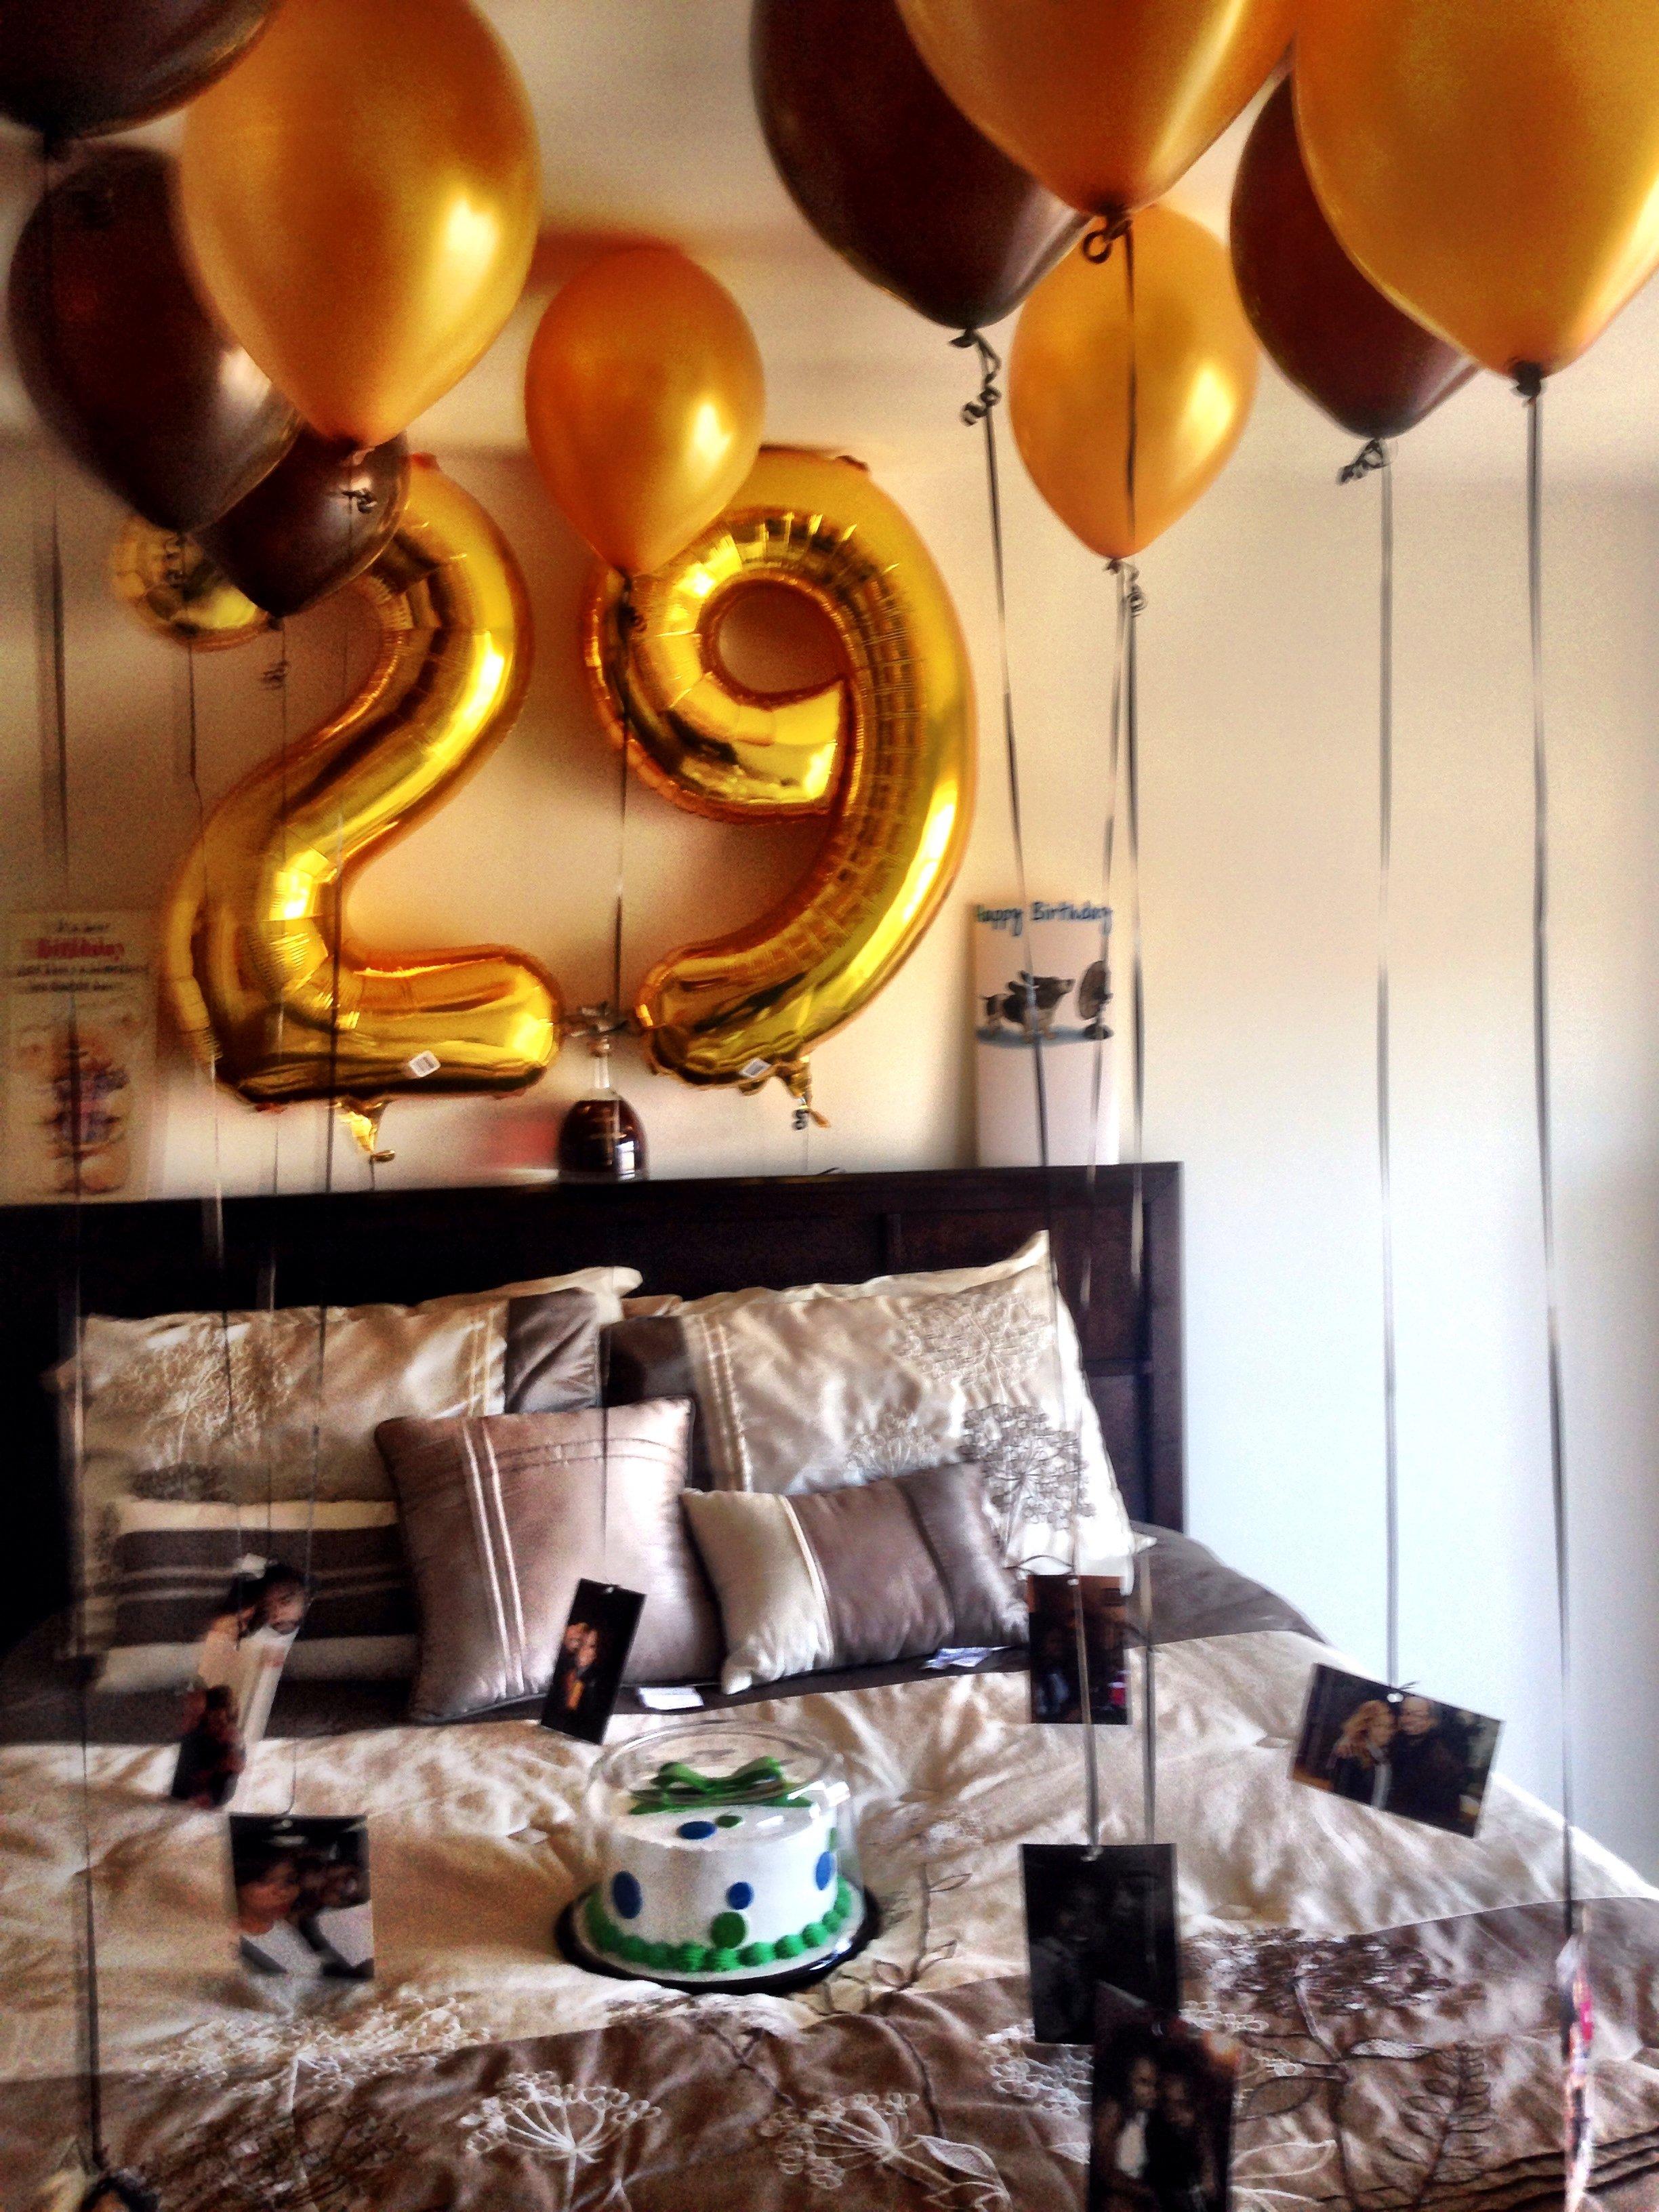 10 Fantastic Surprise Party Ideas For A Man boyfriends birthday birthdays pinterest boyfriends birthdays 5 2020